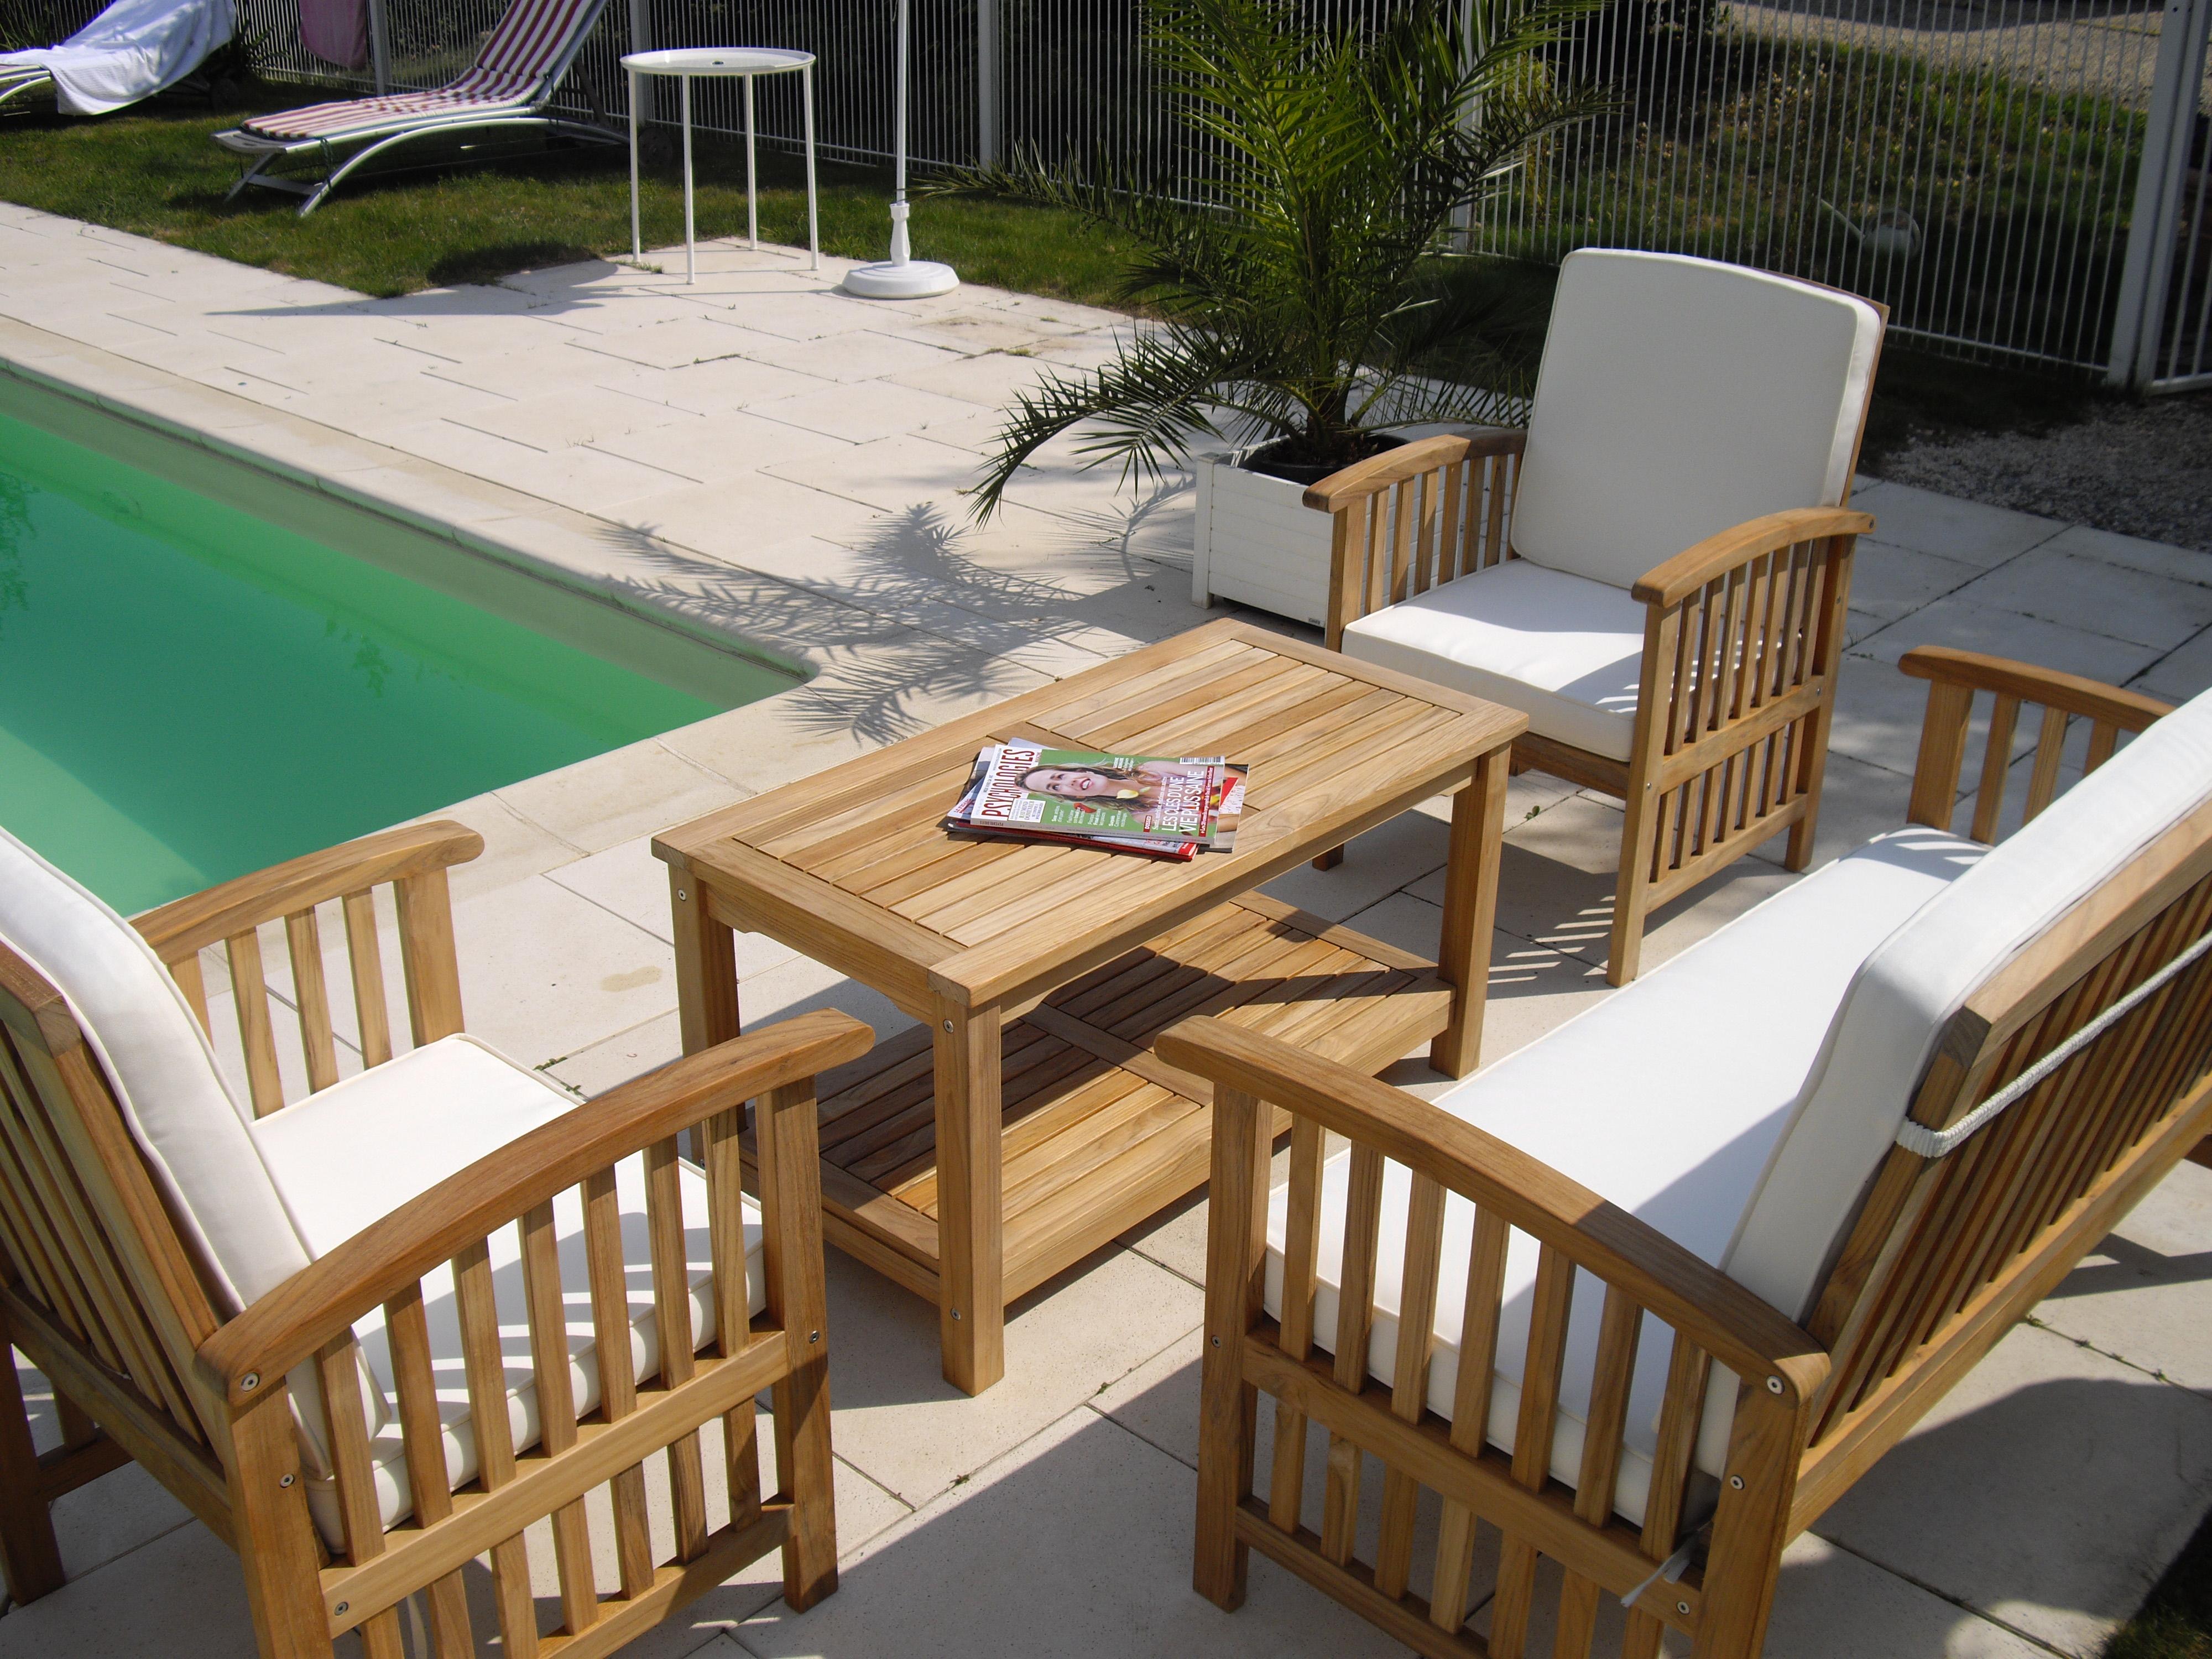 Le fauteuil de jardin en teck de chez Lignes et bois ...